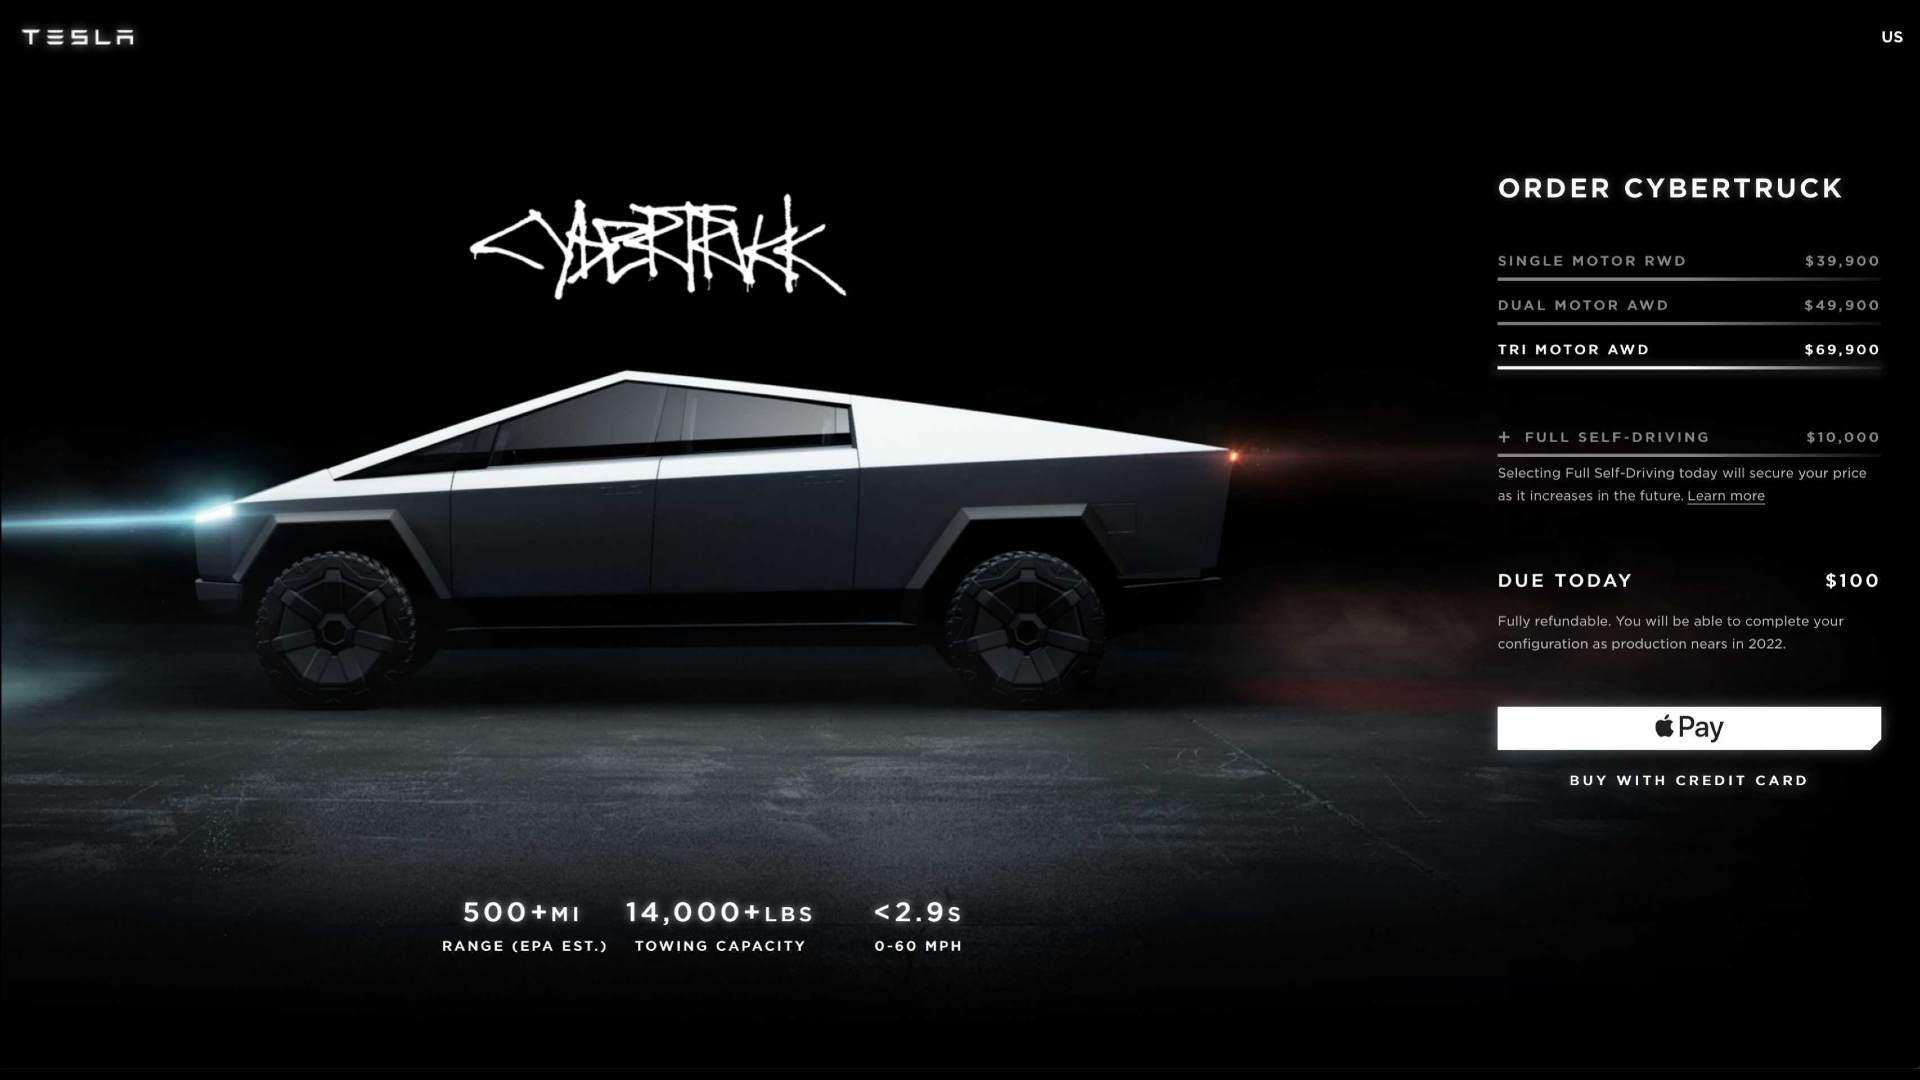 La page de commande du Cybertruck confirme qu'il n'entrera en production qu'en 2022. Image : Tesla